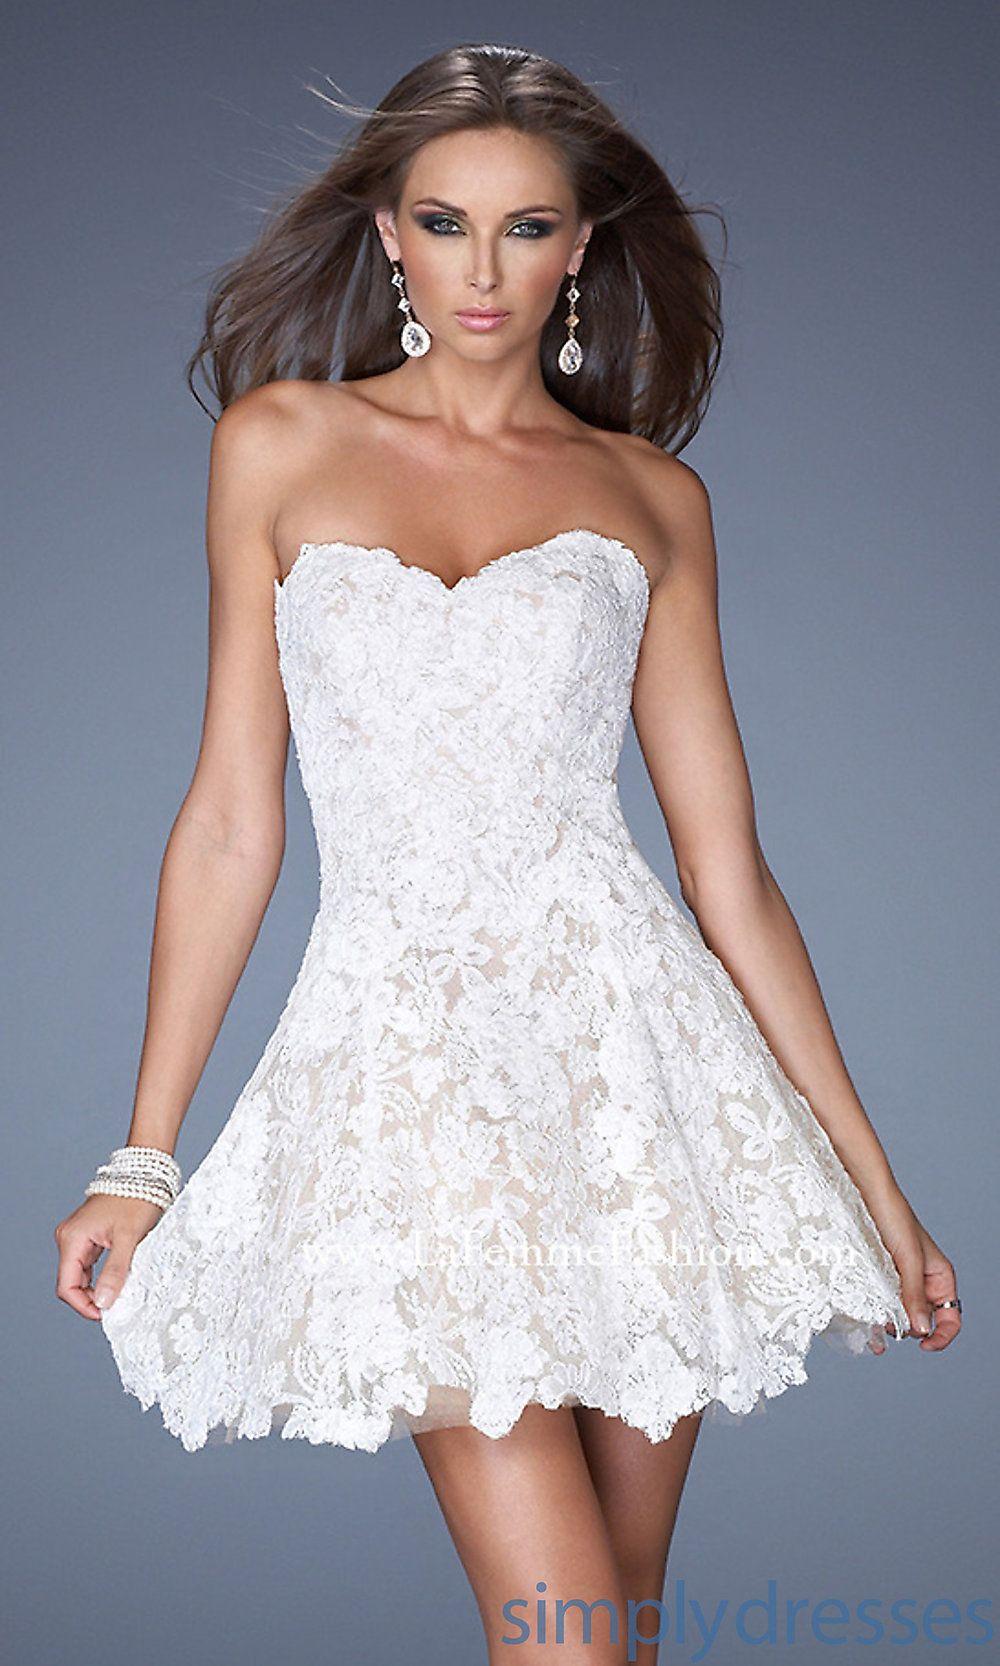 Short Sweetheart Lace Dress by La Femme 19160